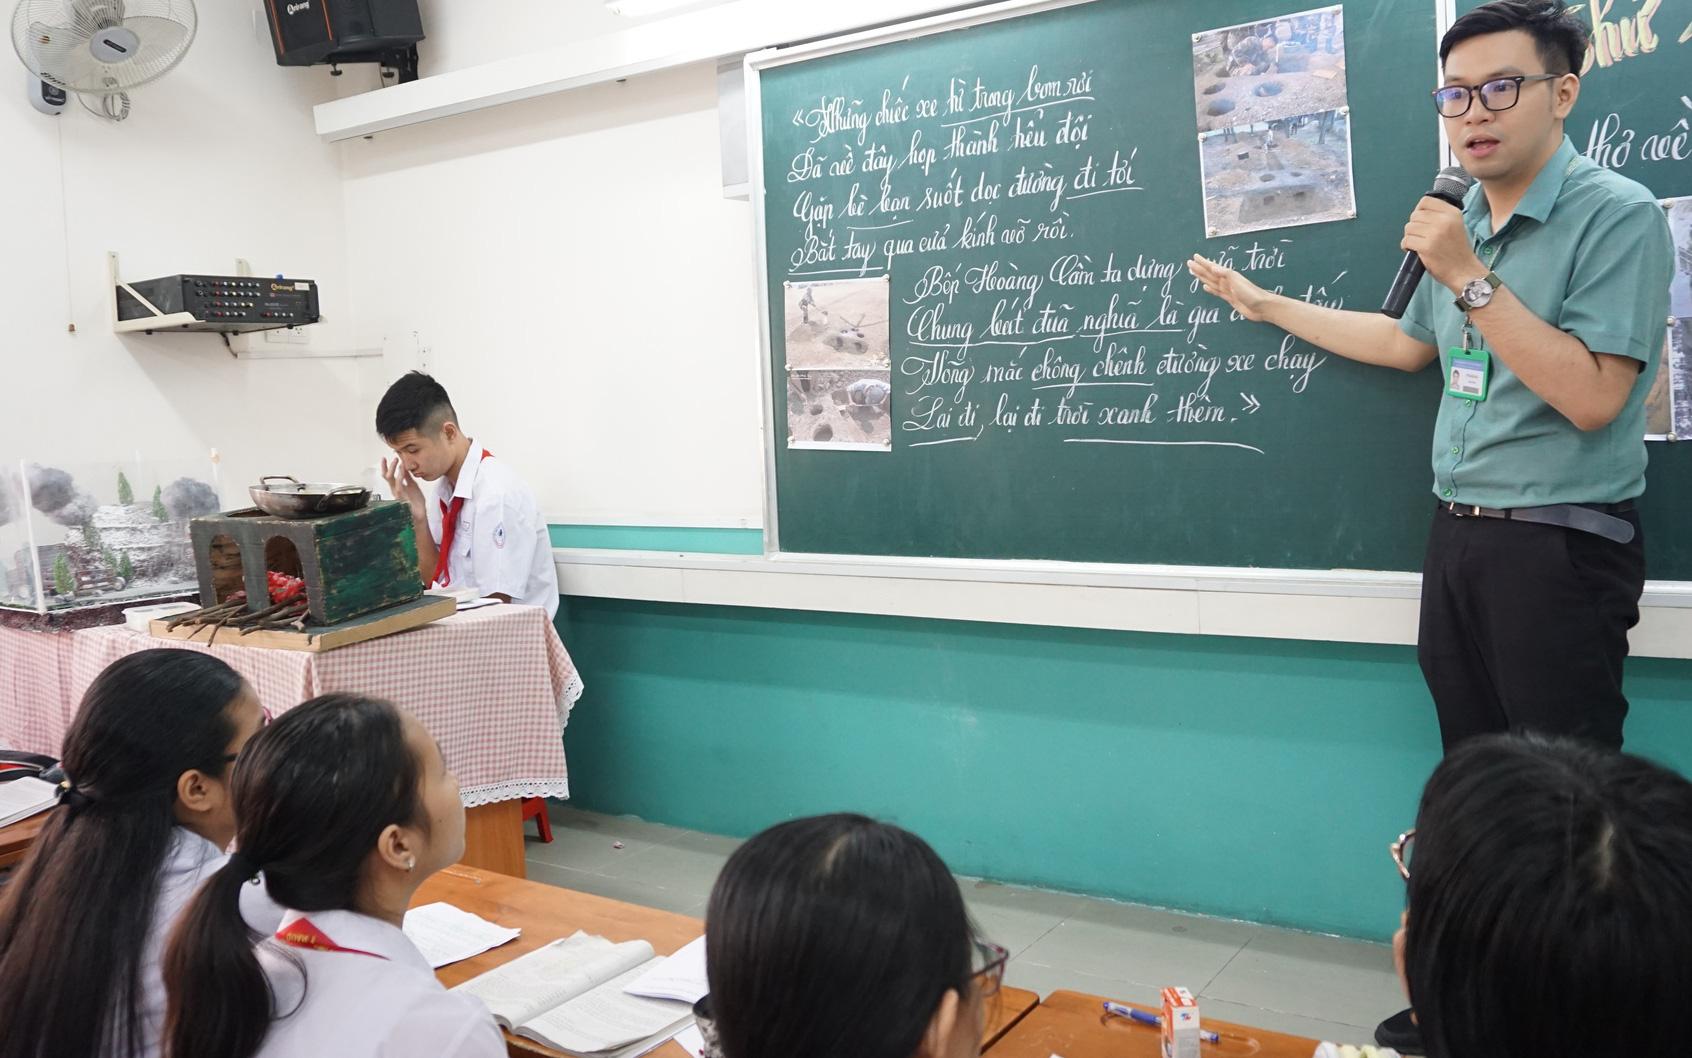 Thầy giáo nhắn nhủ học sinh xem điểm thi lớp 10: 'Cánh cửa này đóng lại, cánh cửa khác sẽ mở ra'